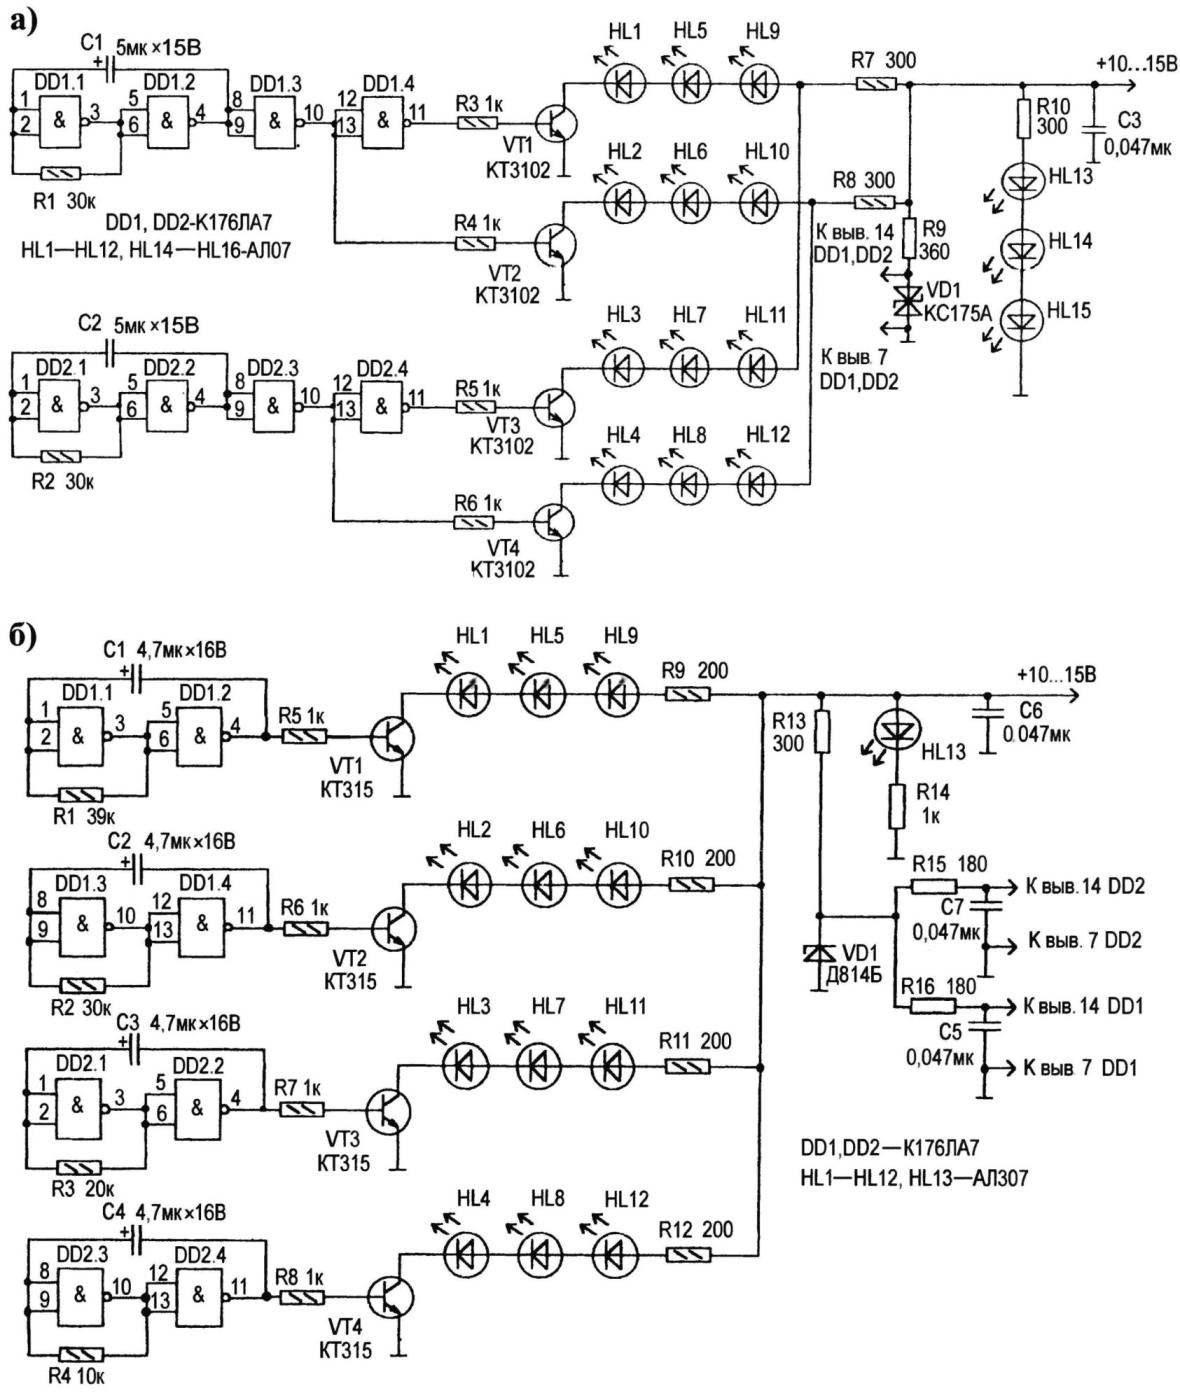 Рис. 1. Принципиальные электрические схемы переключателей гирлянд